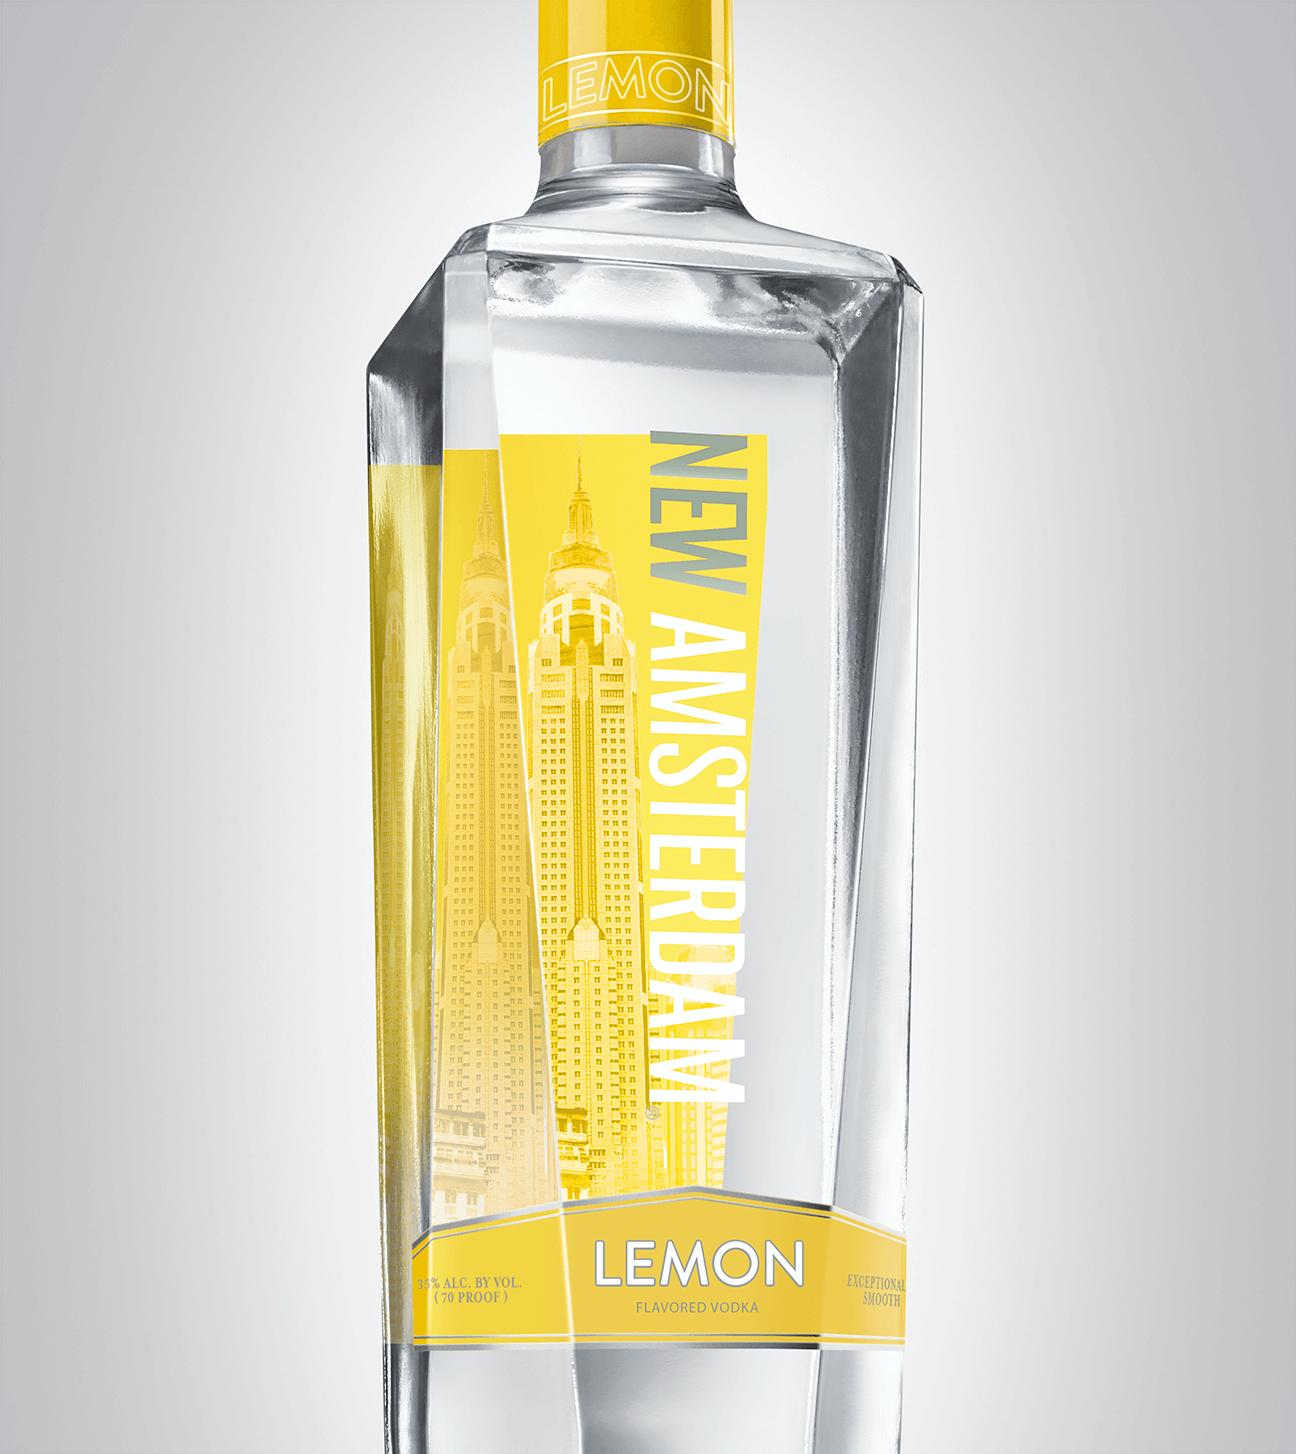 Bottle of New Amsterdam Lemon